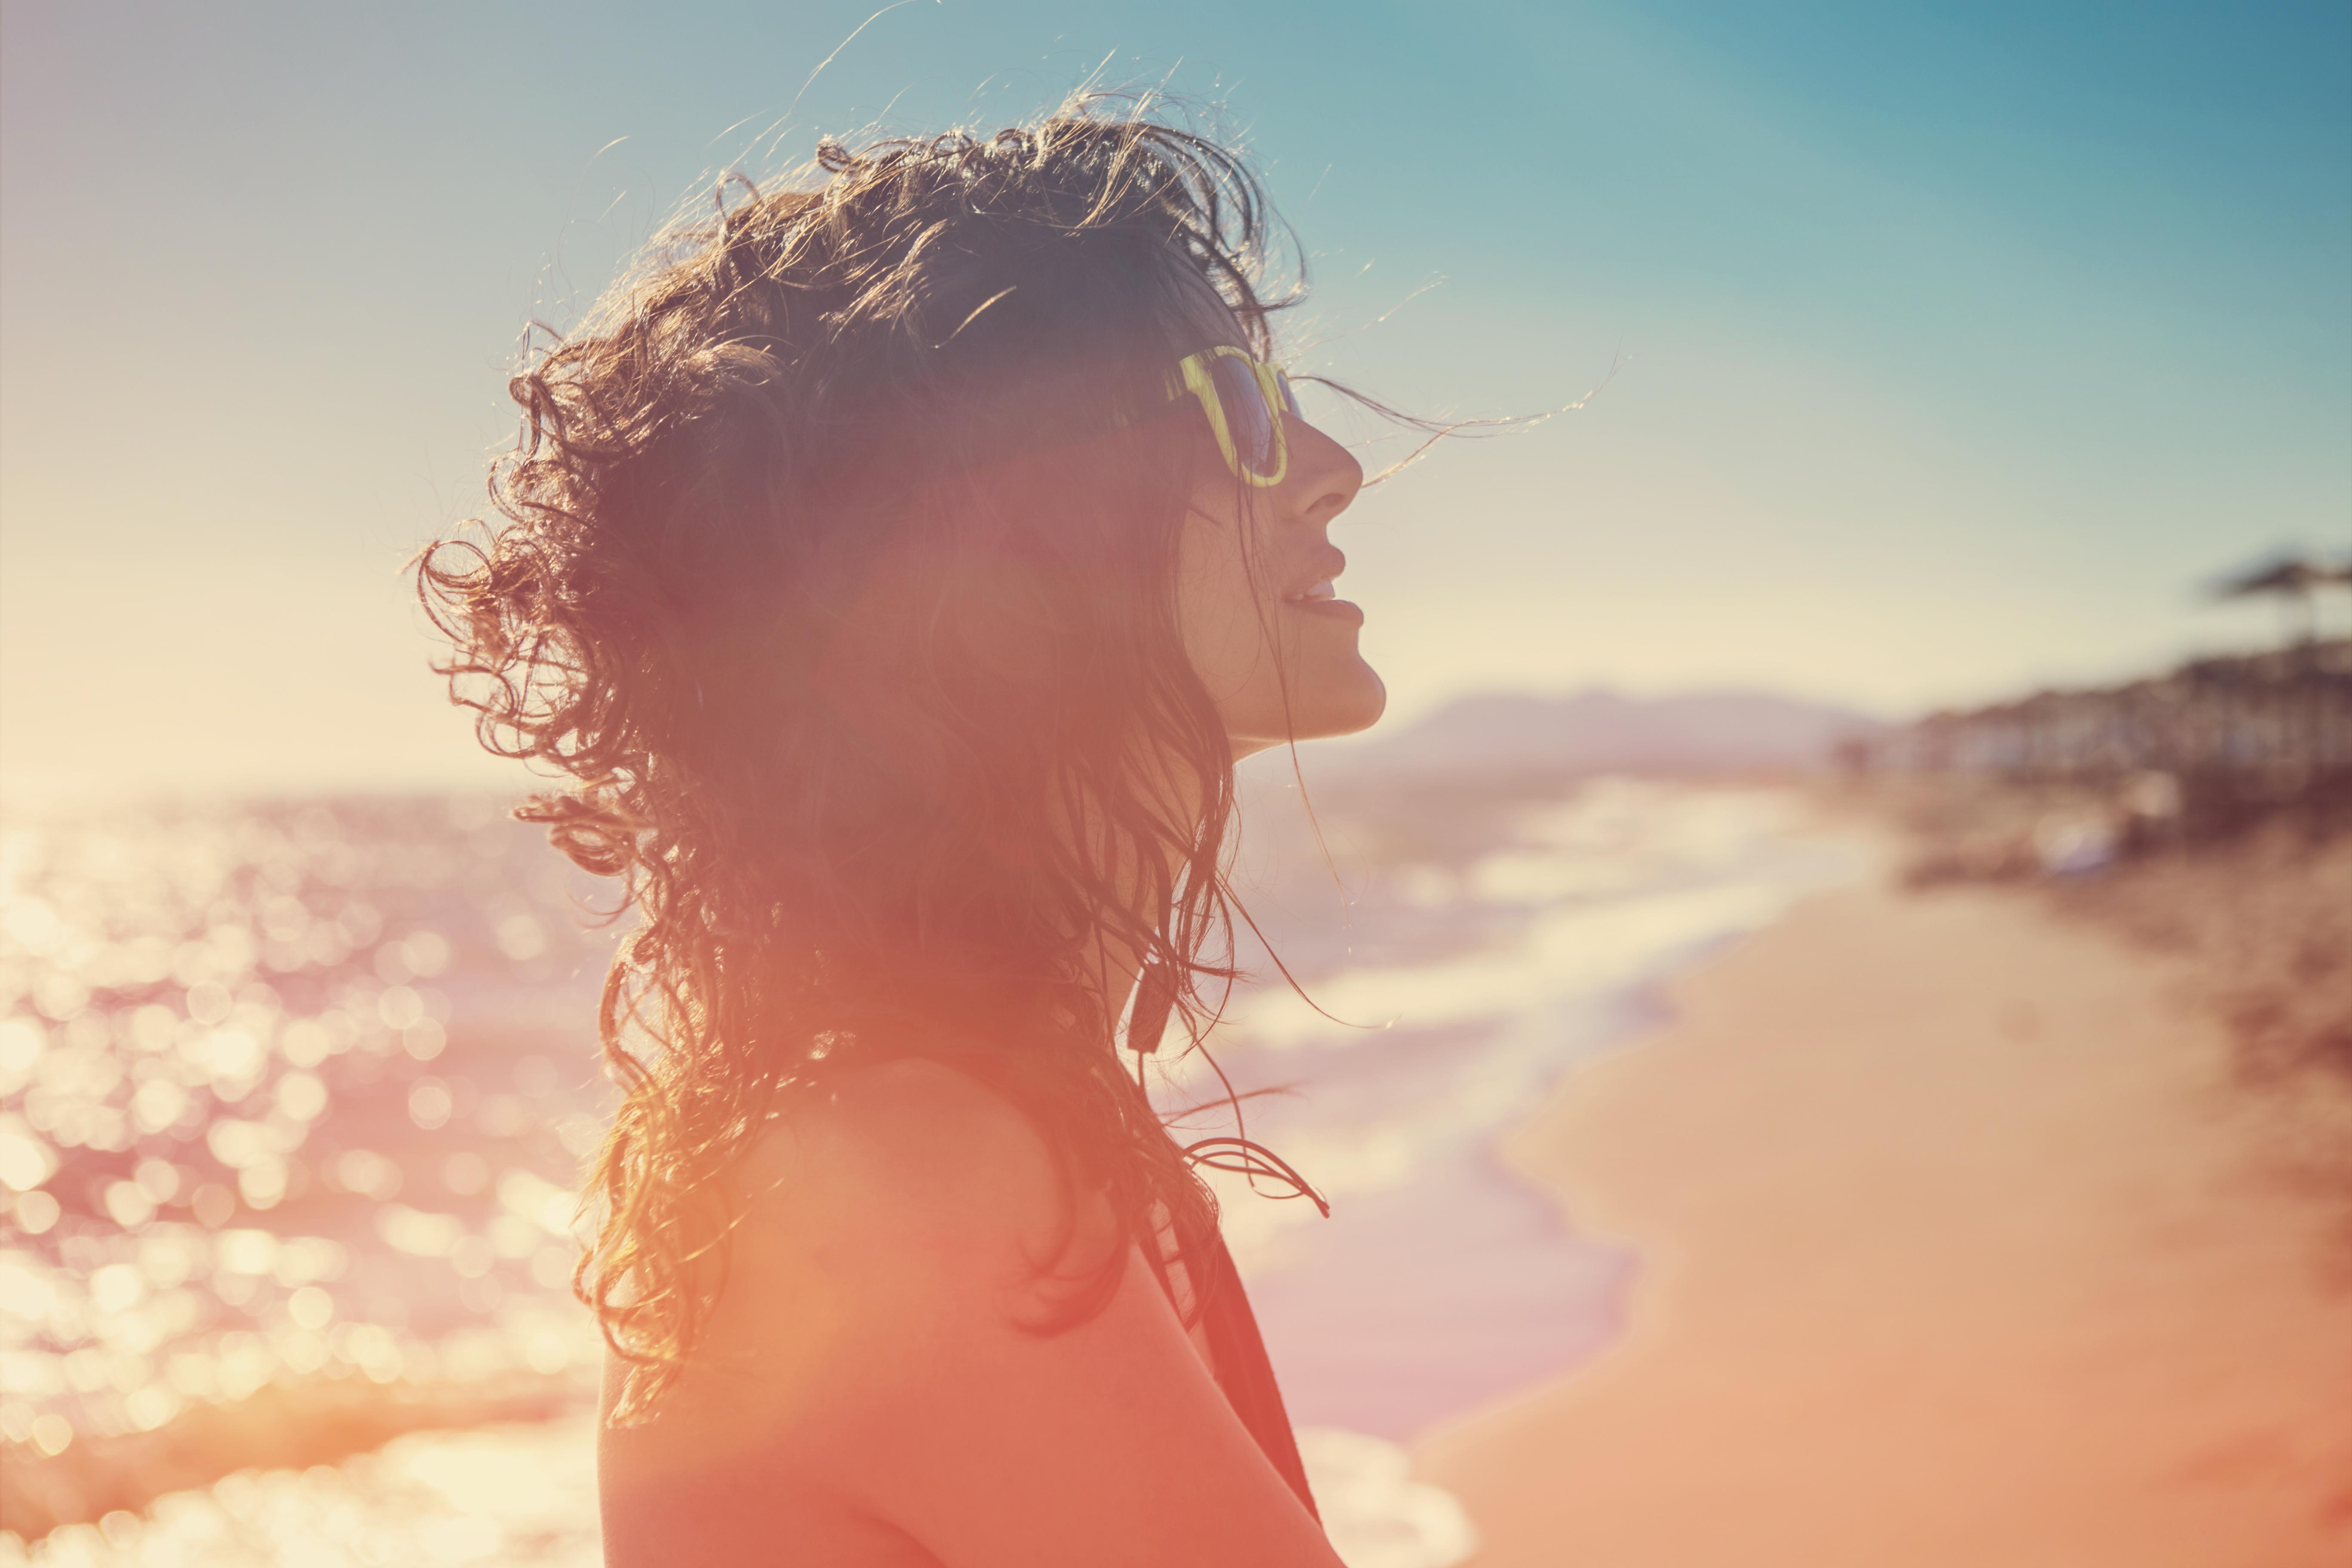 <p>По-дълъг живот Проучване, което обхваща 30 000 шведски жени, показва, че тези, които прекарват повече време на слънце, живеят с шест месеца до две години по-дълго от тези, които се излагат по-малко на слънце. Необходимо е да се направят още изследвания в тази област, но учените продължават да проучват.</p>